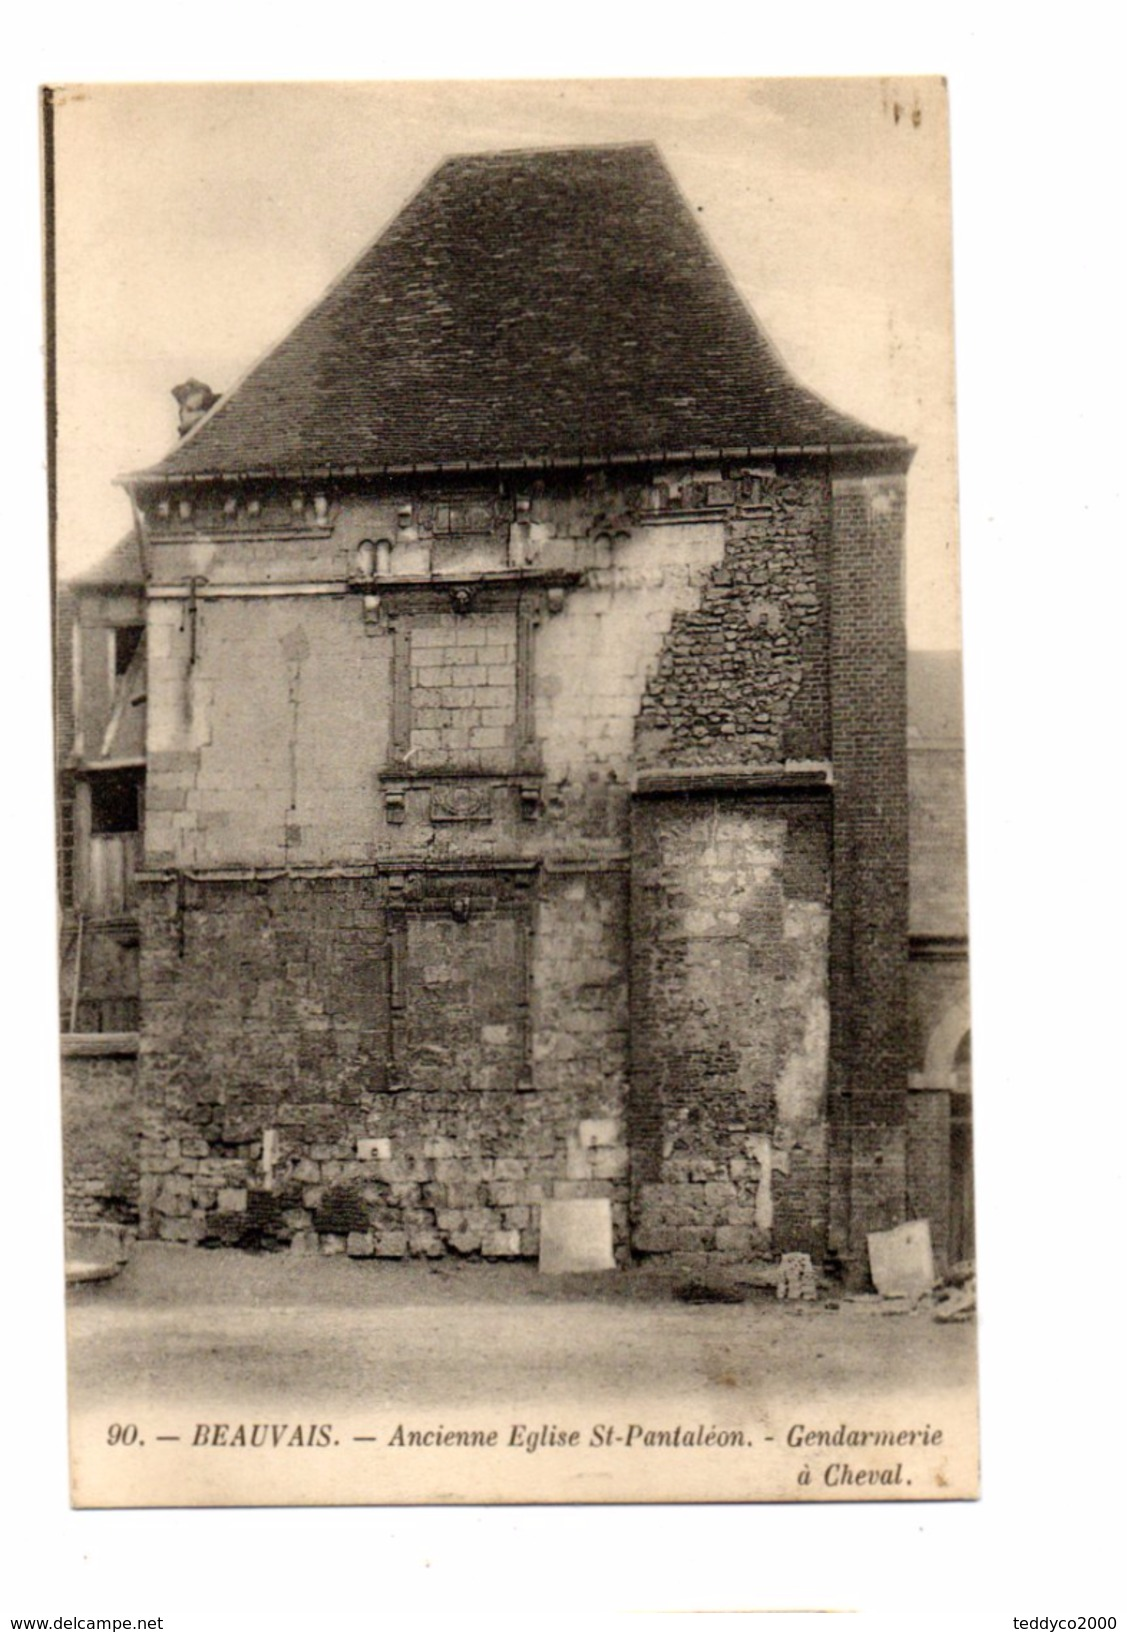 BEAUVAIS Ancienne Eglise St-Pantaléon. - Gendarmerie à Cheval - France